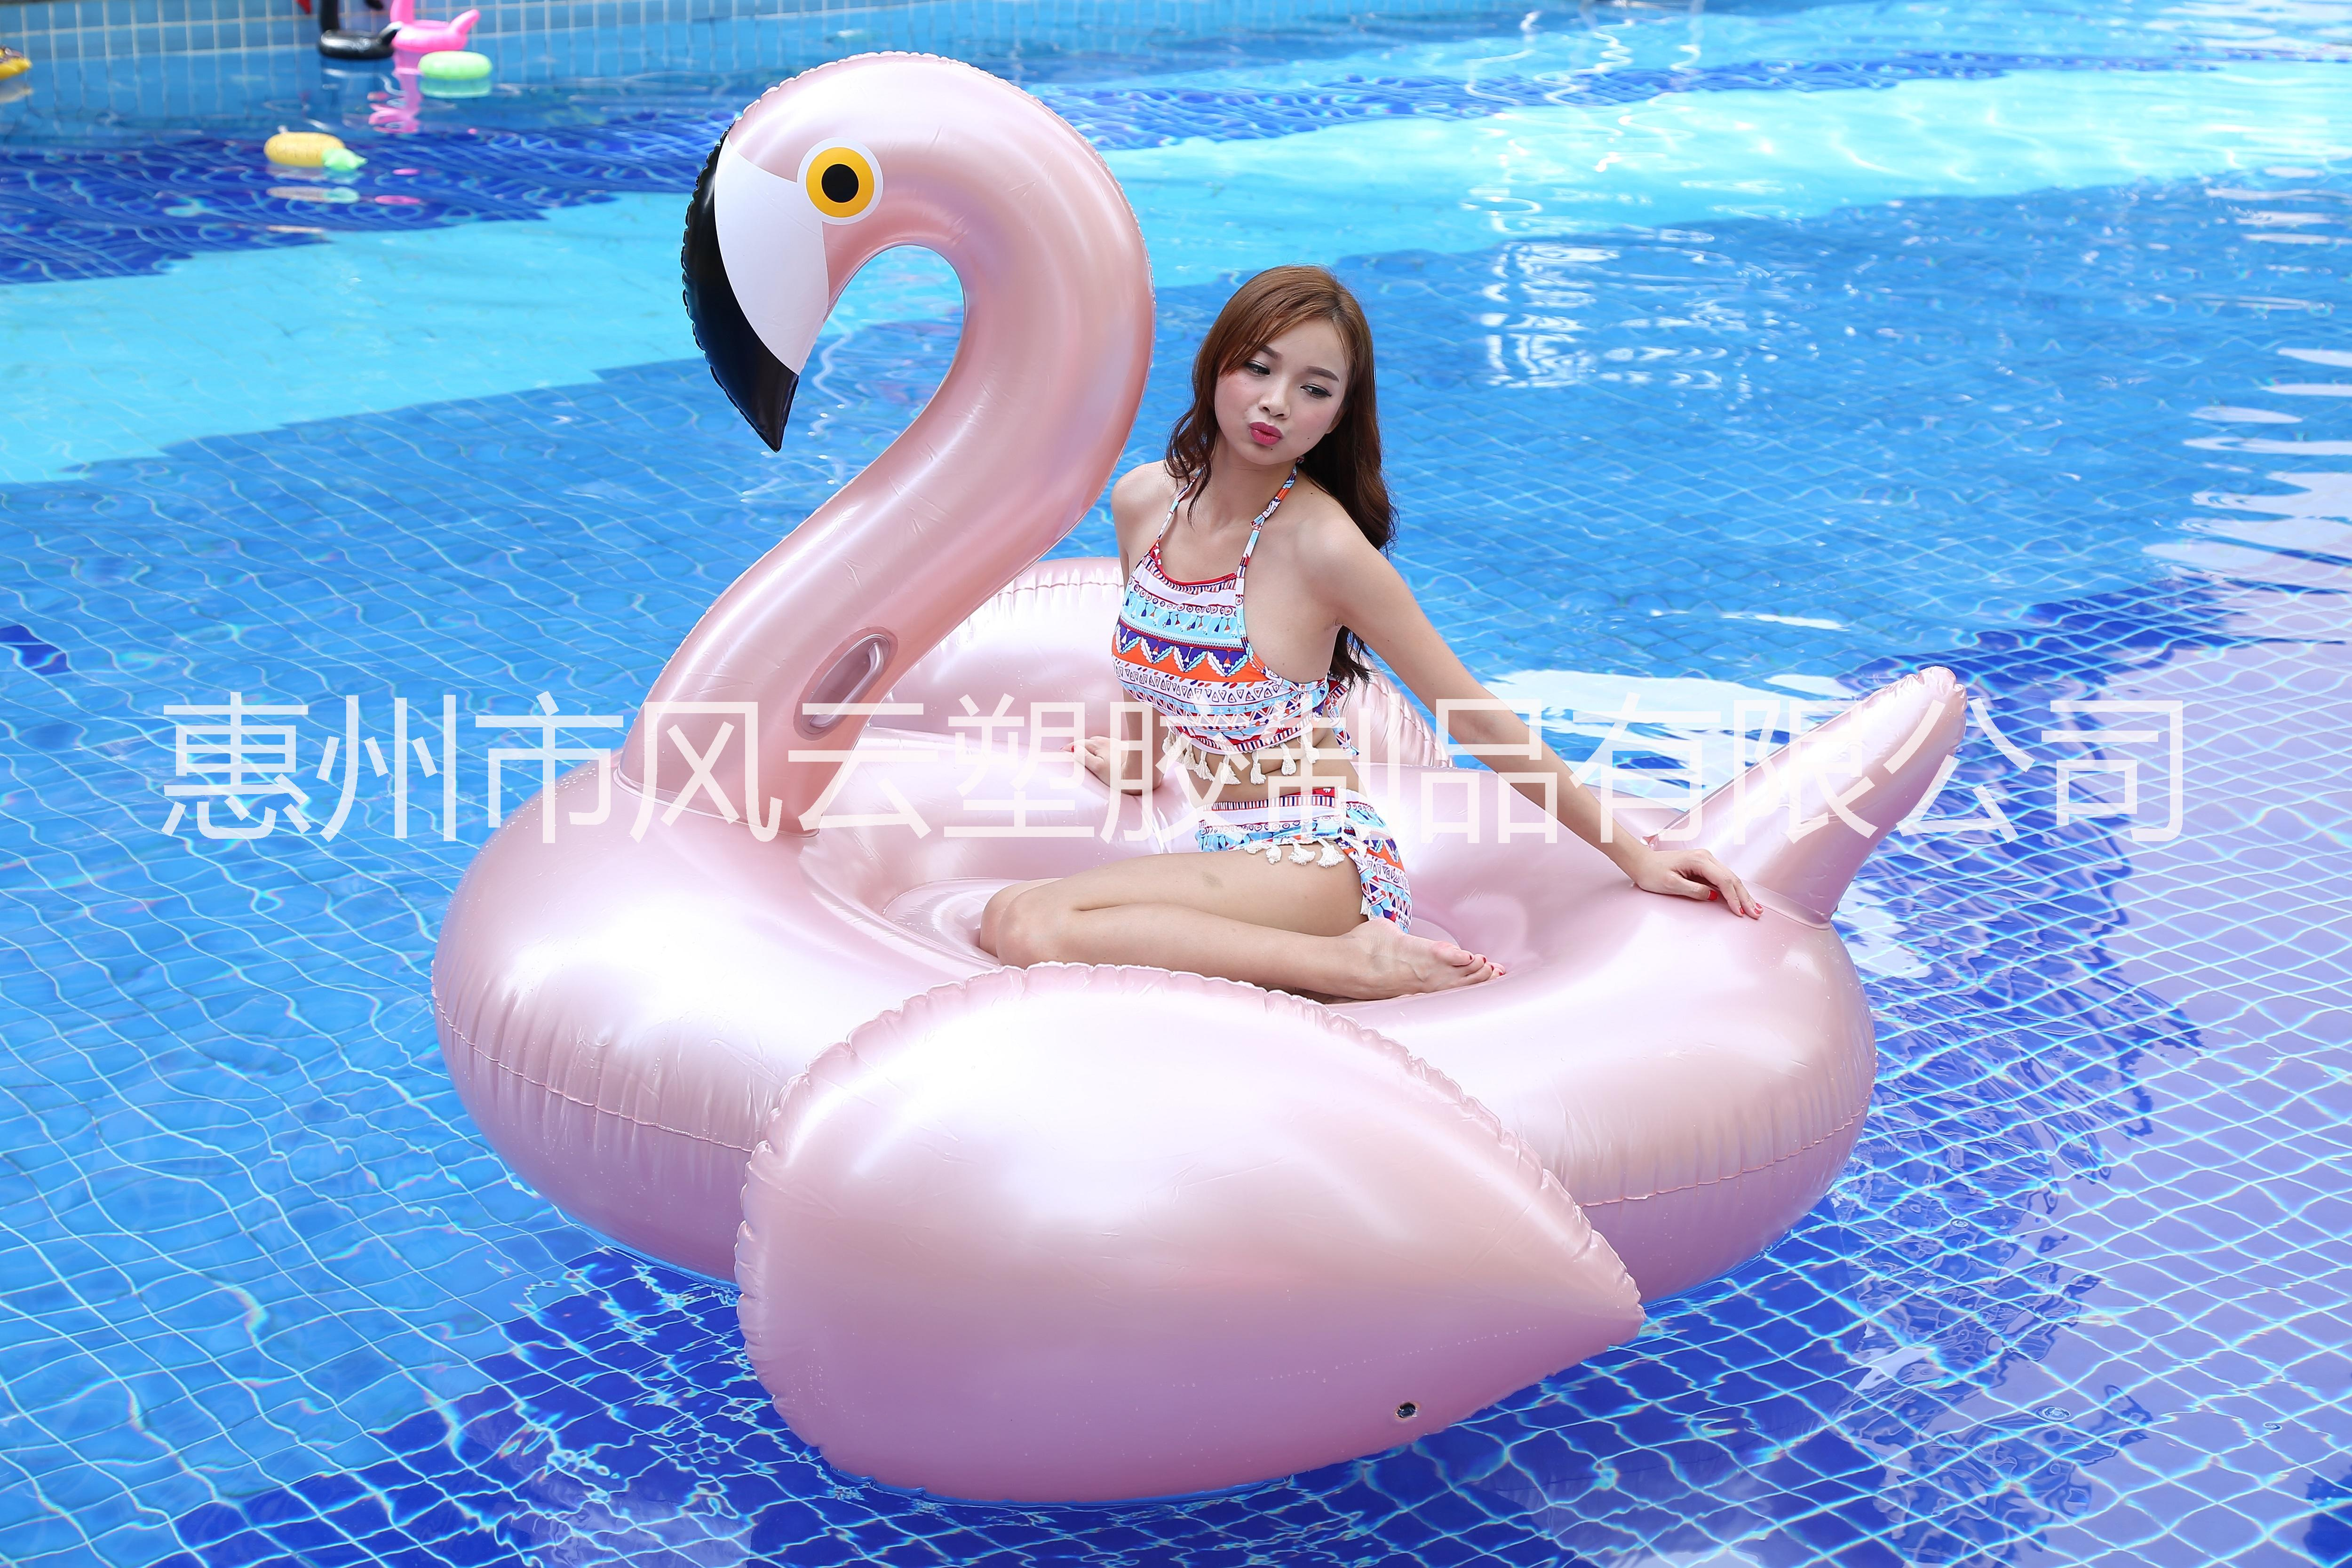 厂家直销pvc充气玫瑰金火烈鸟浮排水上成人冲浪天鹅坐骑充气独角兽游泳圈 充气玫瑰金火烈鸟坐骑水上冲浪玩具